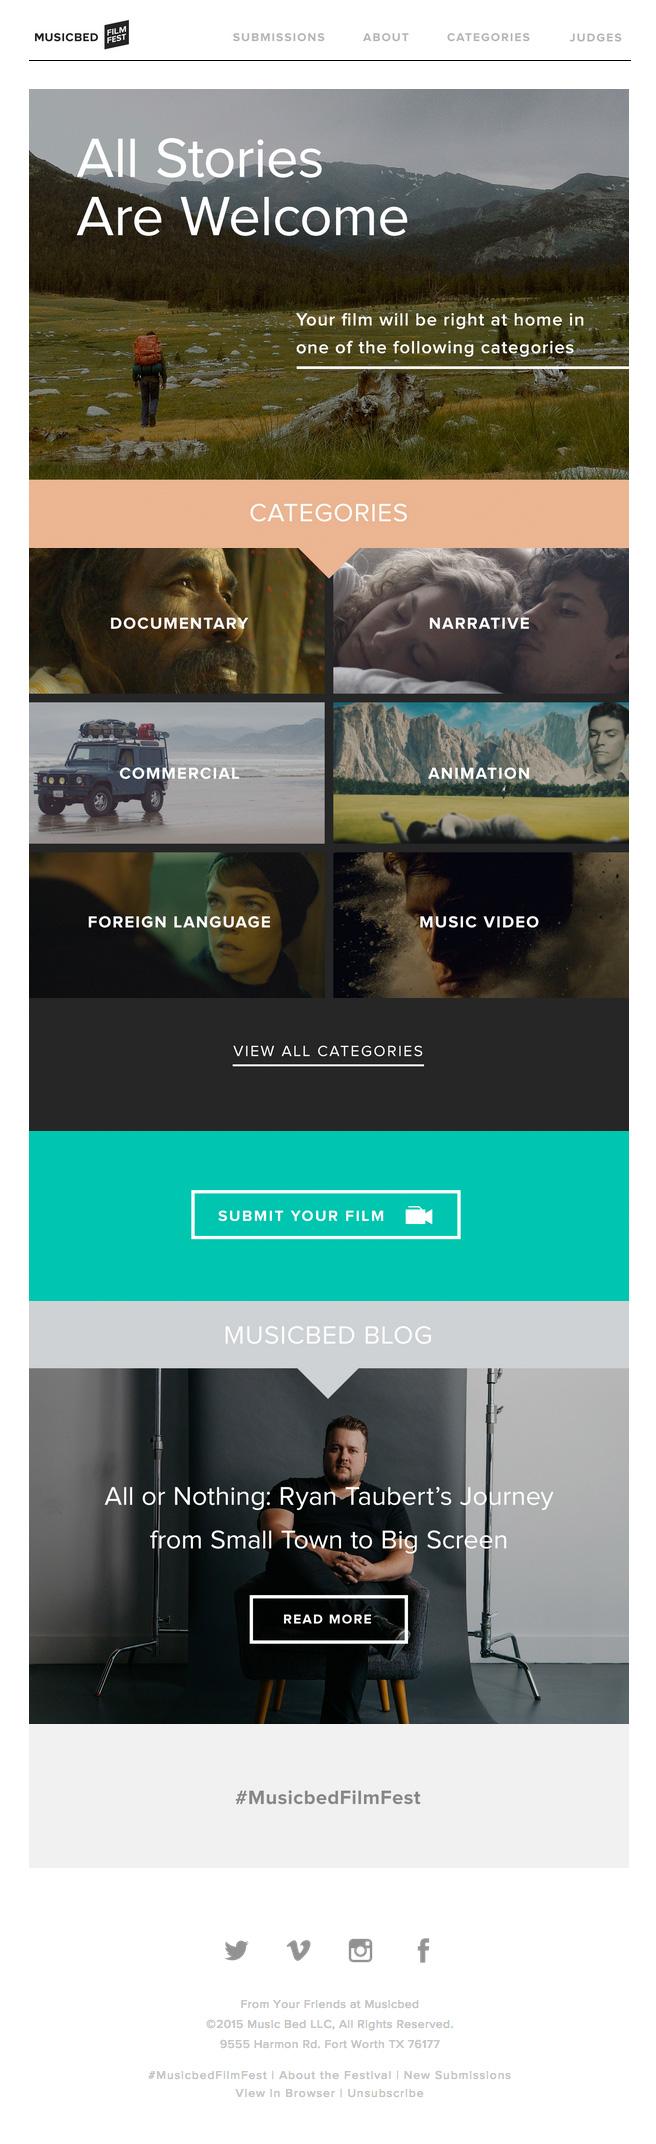 musicbed-film-fest-newsletter